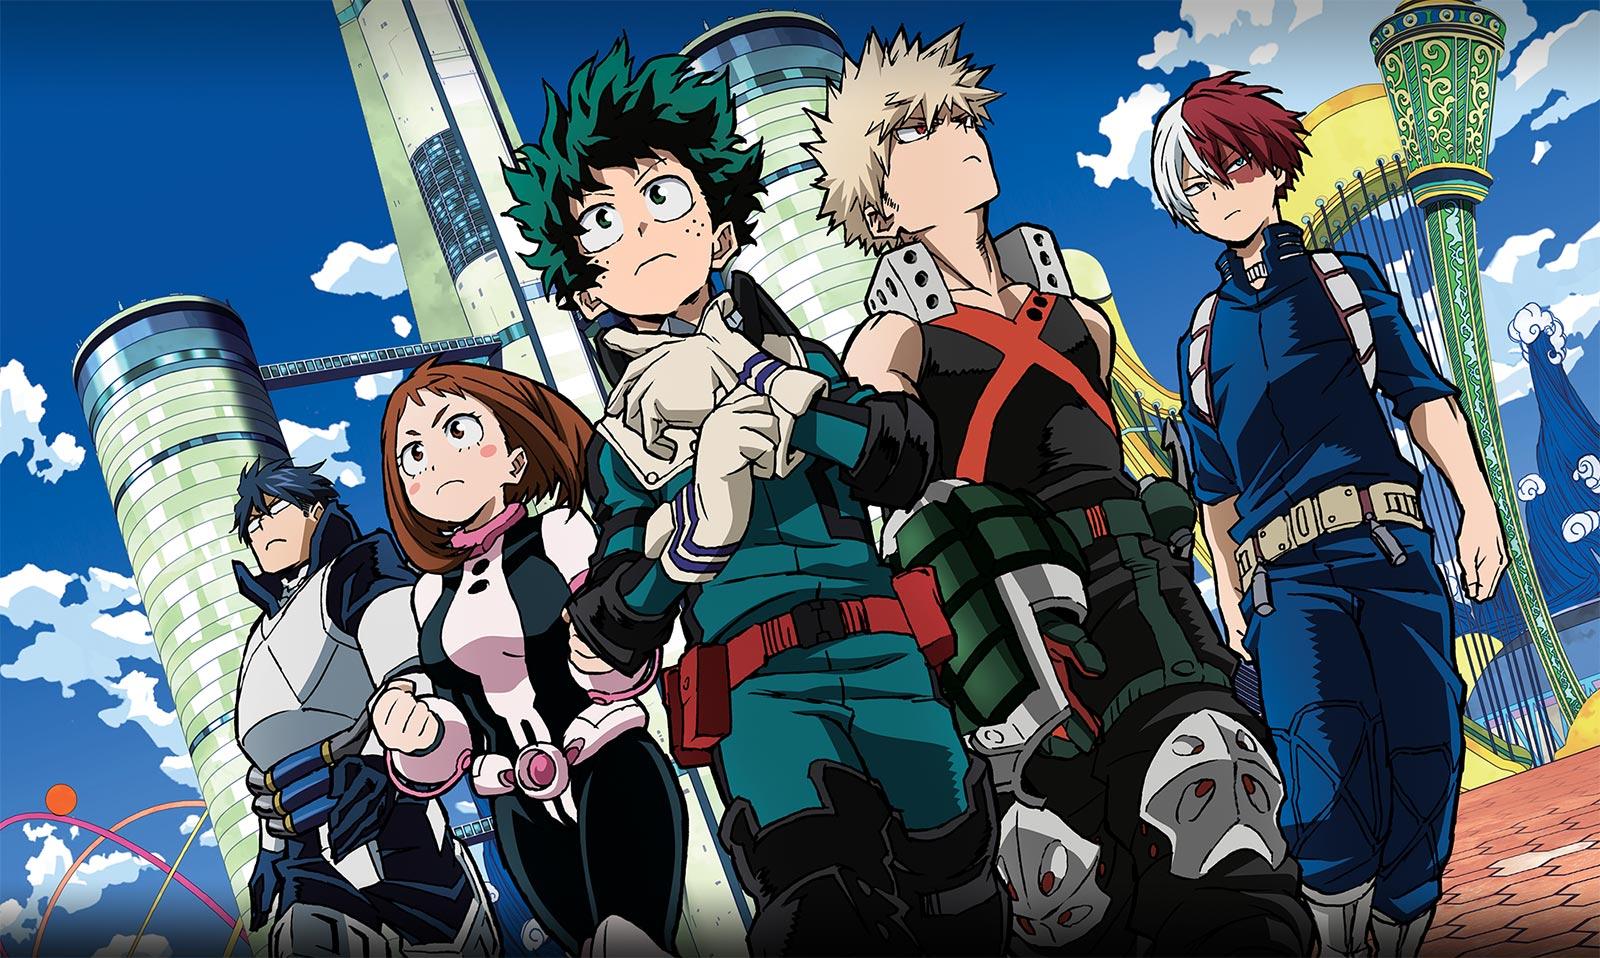 Boku No Hero Academia - Two Heroes